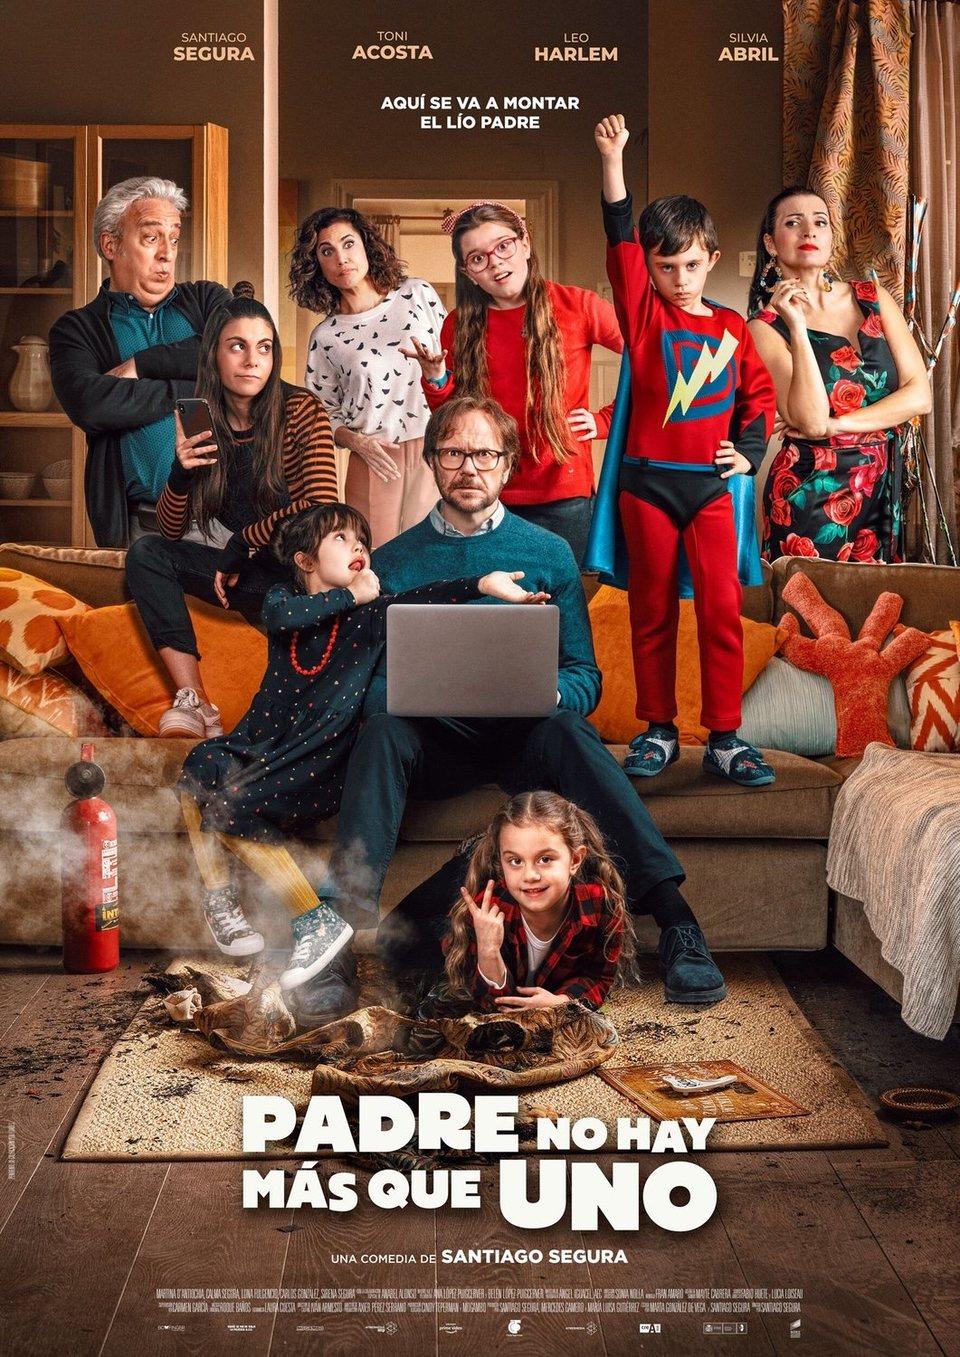 España #2 poster for Padre no hay más que uno